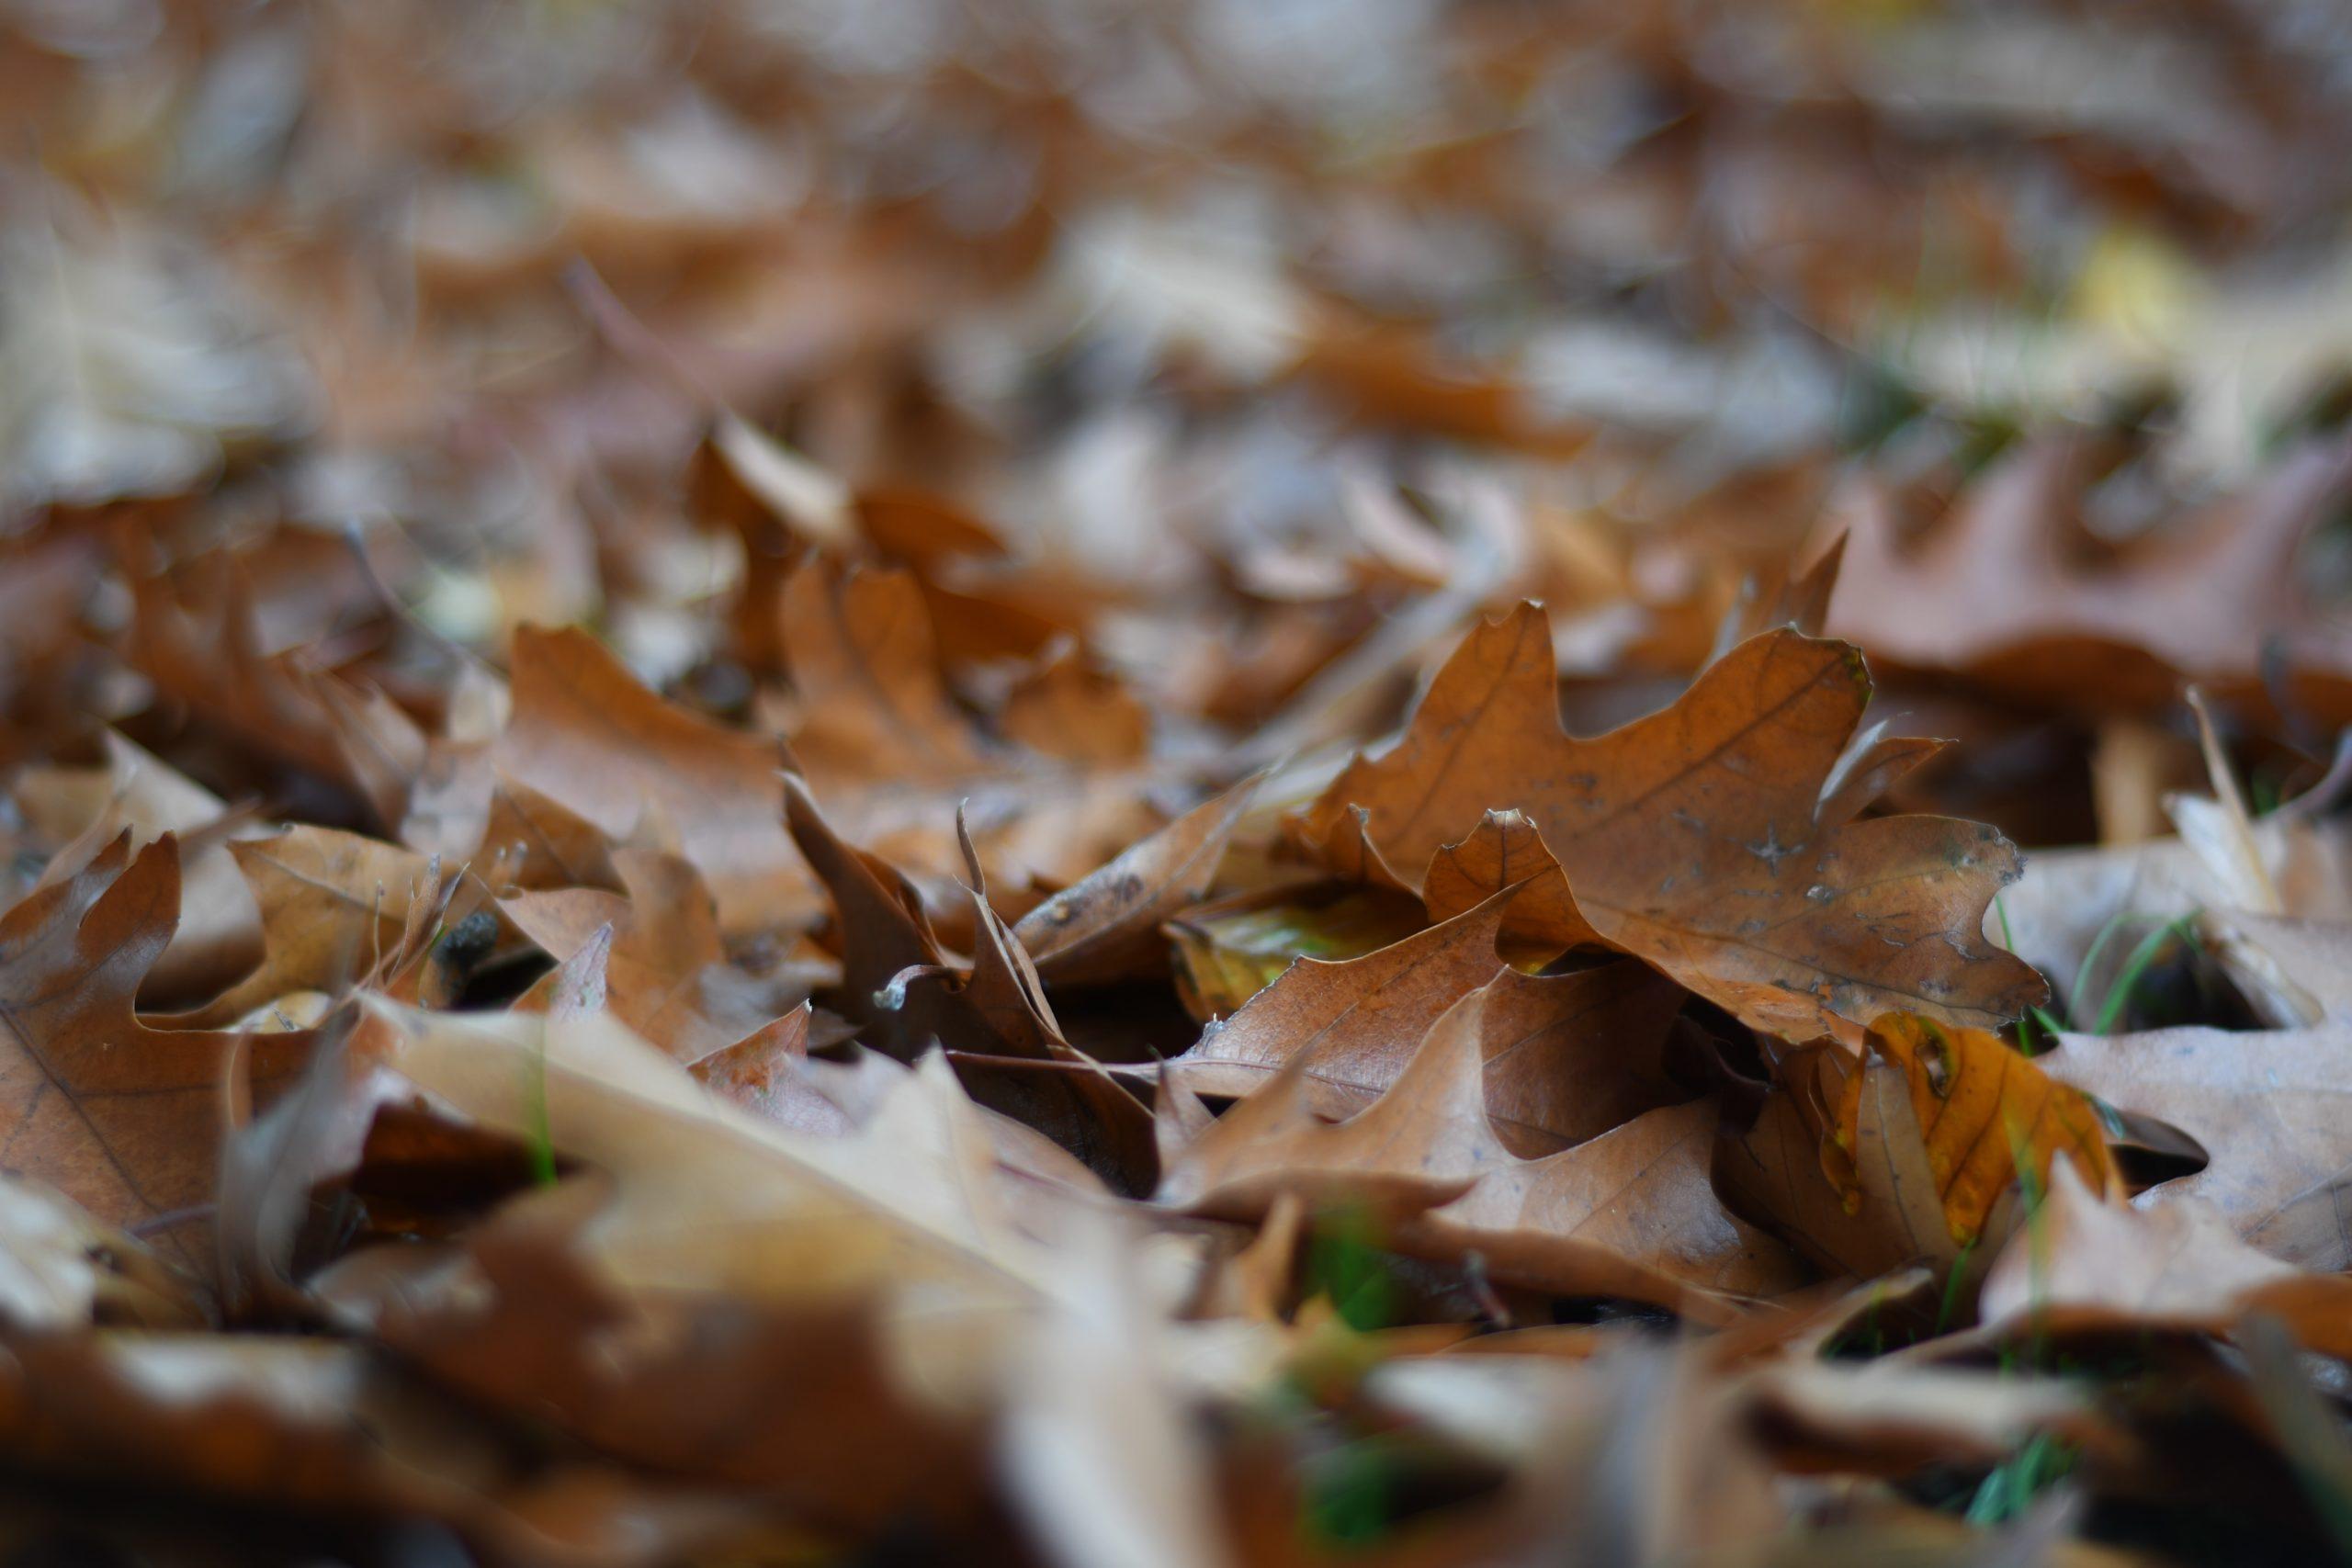 Dead tree leaves